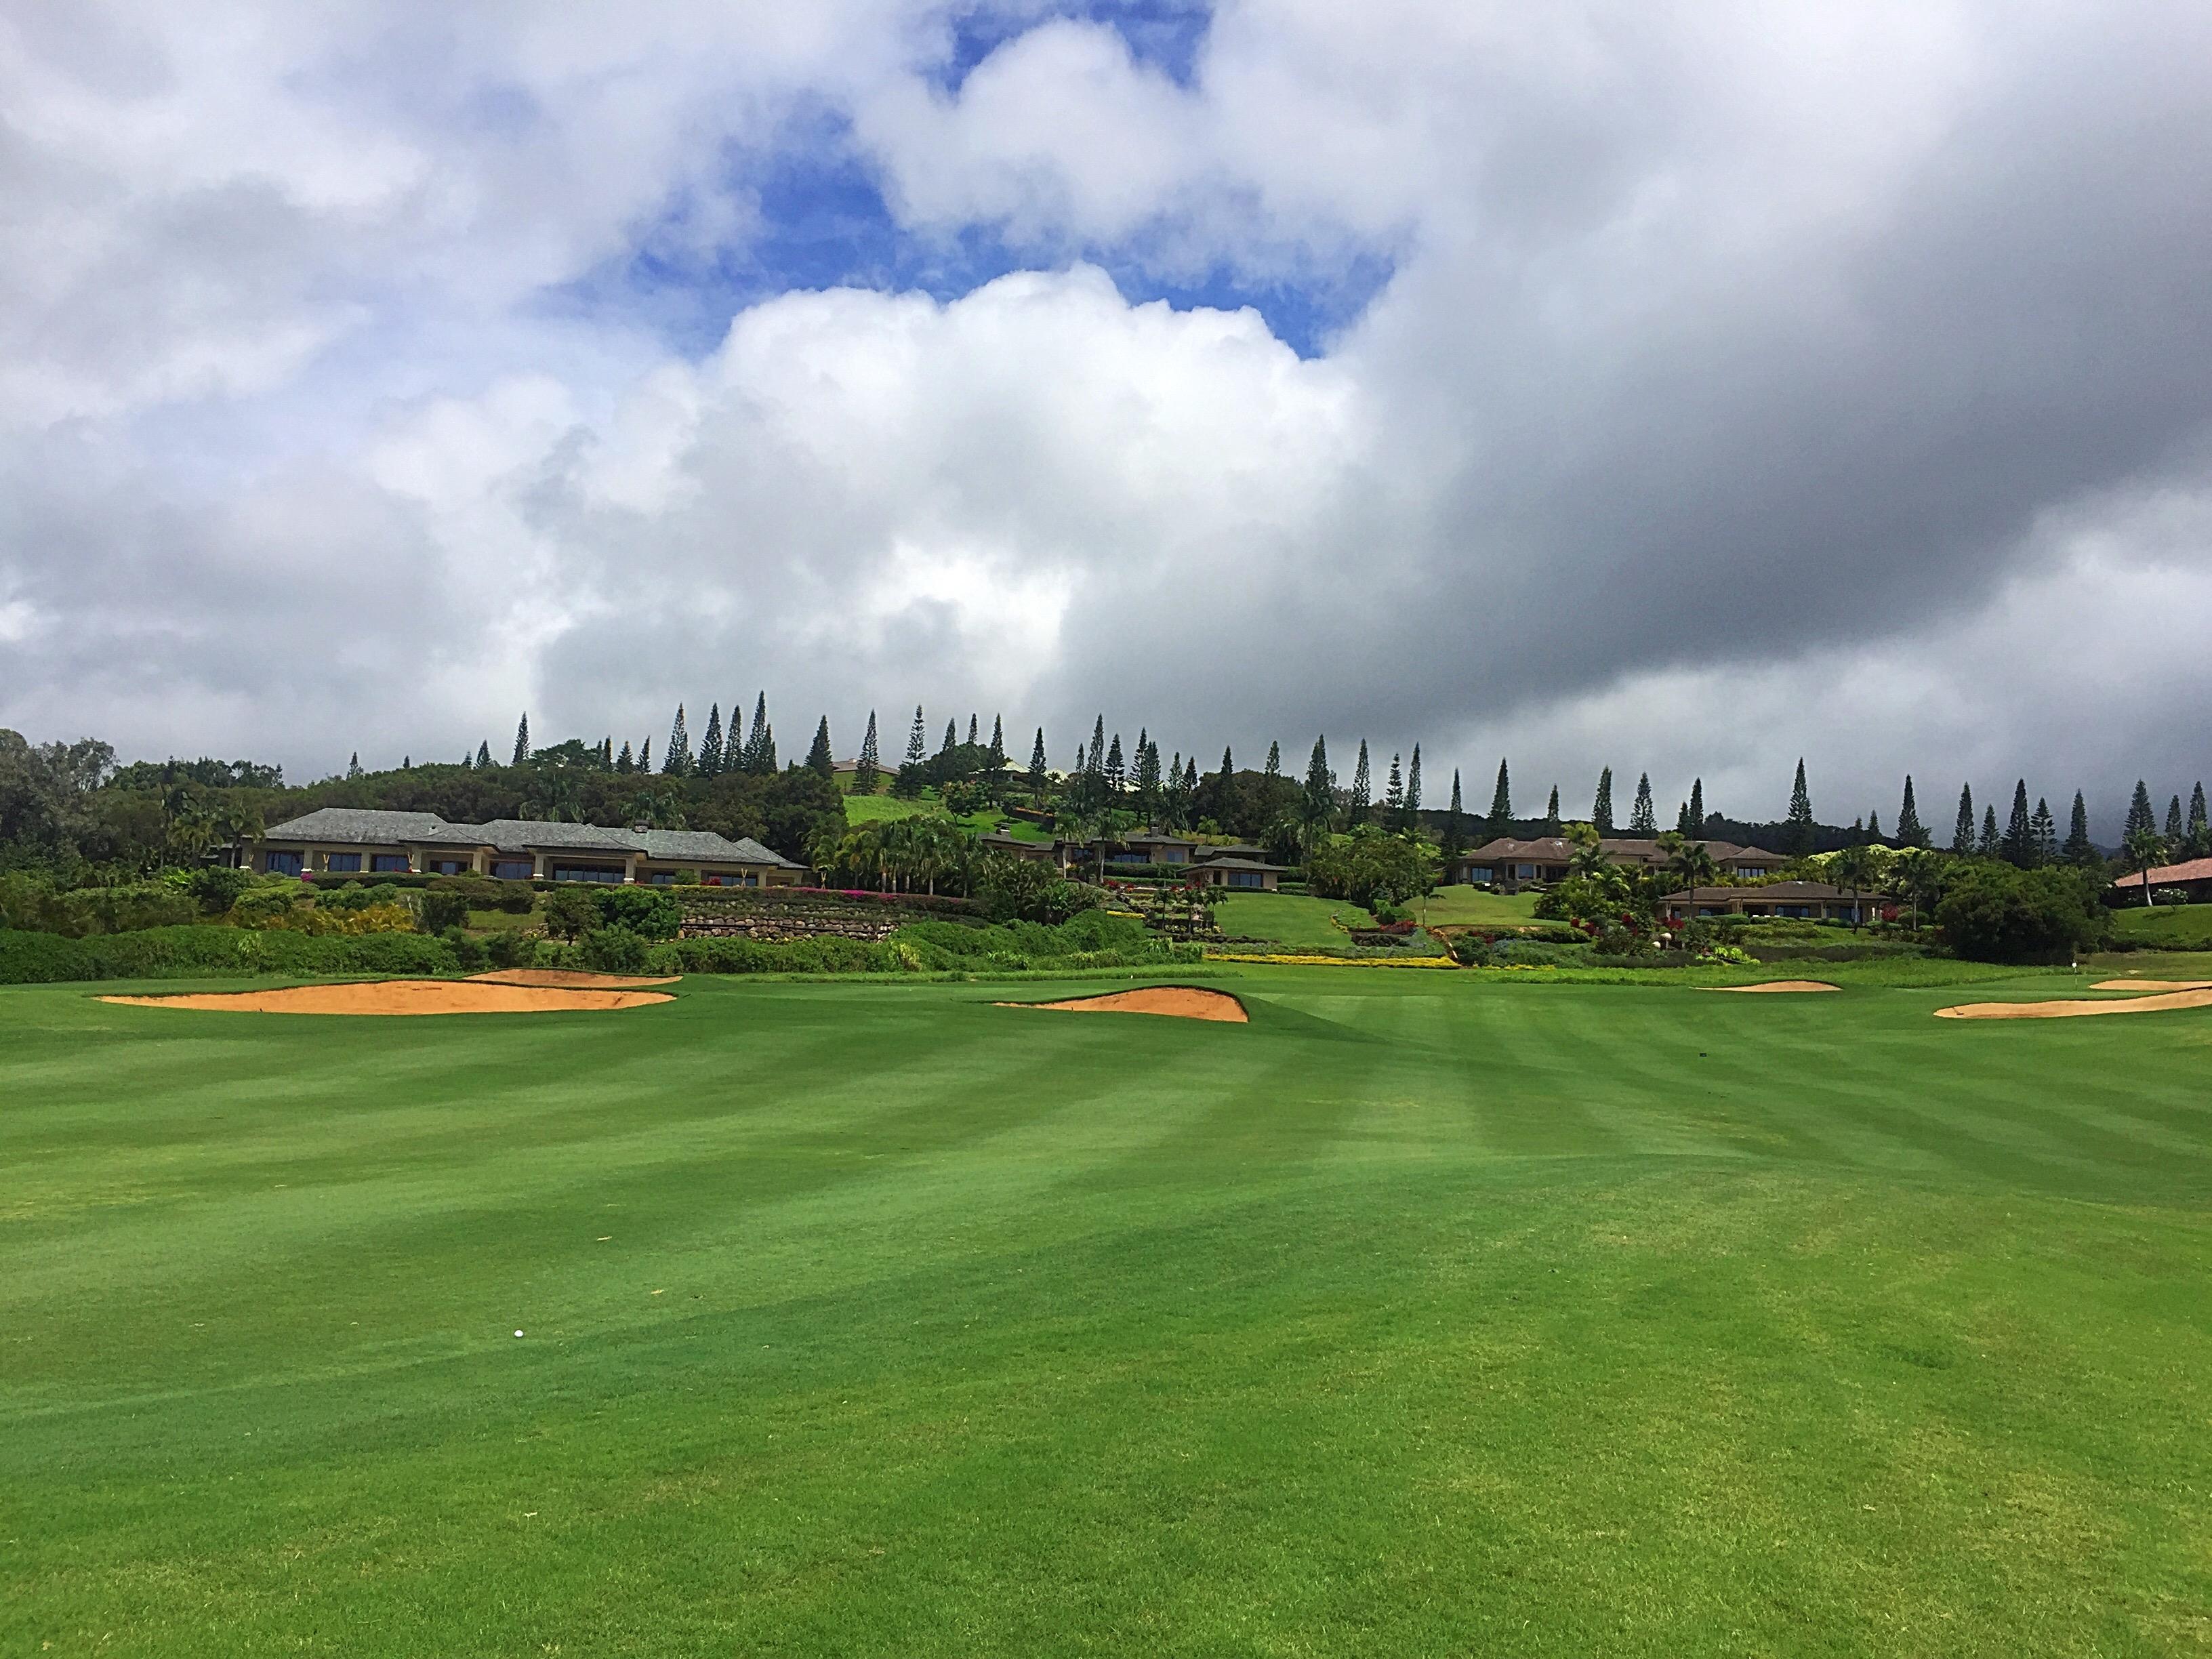 Plantation Course - Kapalua, Maui - Hawaii, USA   SUNGRL